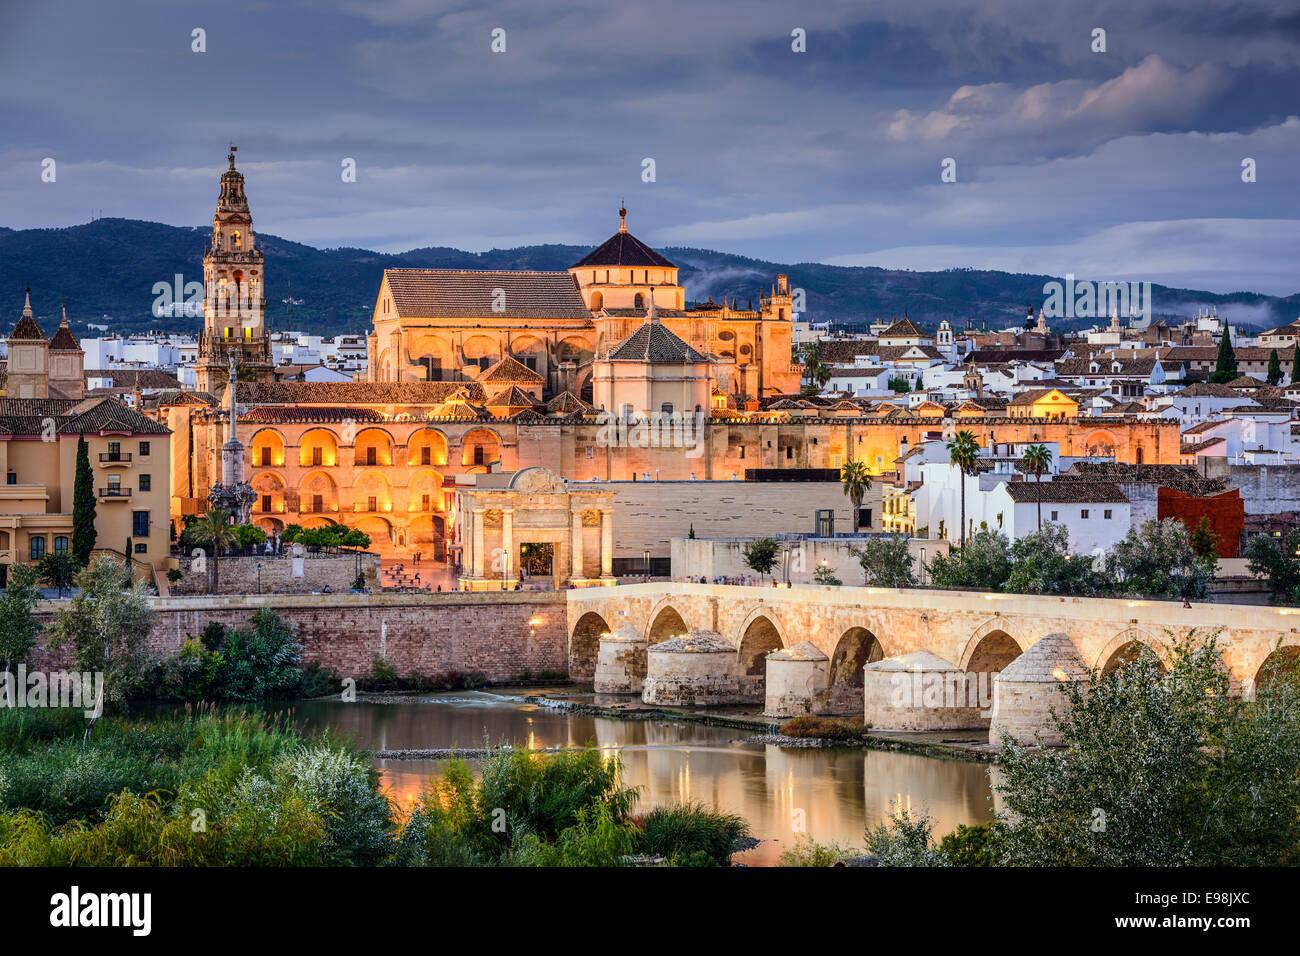 Cordoba, España en el horizonte de la ciudad y el puente romano sobre el río Guadalquivir. Imagen De Stock